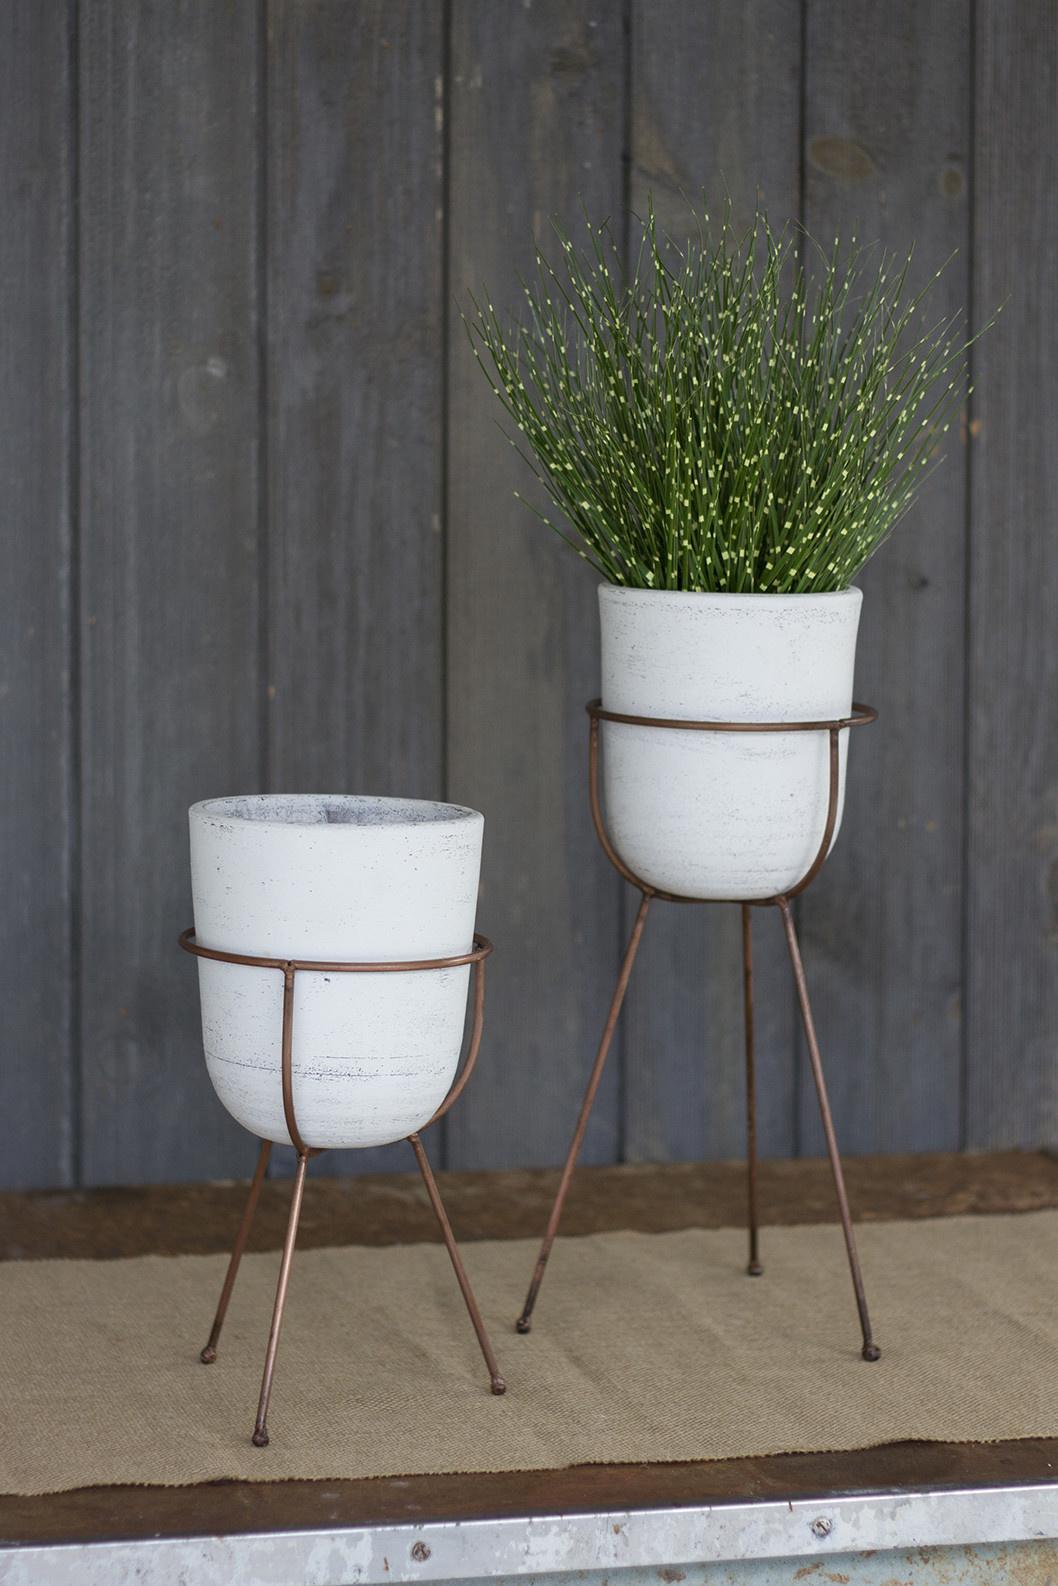 Kalalou Small Bell Clay Standing Pot